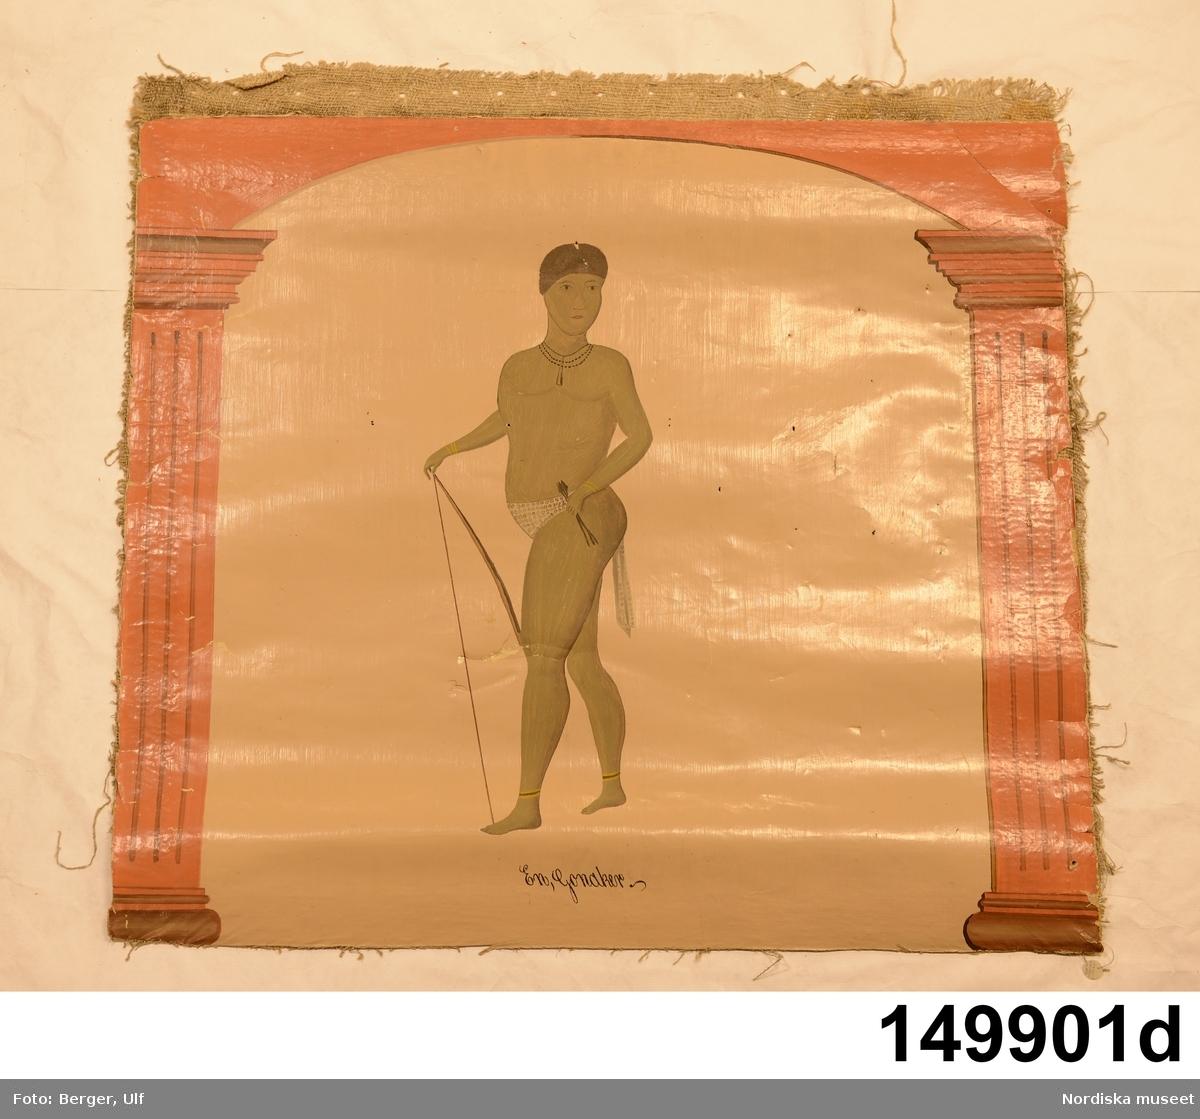 """Väggmålning i sex delar. Oljemålning på väv. Rektangulära fält med ljust beige bottenfärg, fälten vertikalt indelade av kolonner i orange färg. Valvbågar mellan kolonnerna under vilka olika människor står.  A. Tre personer, en under varje valvbåge. Till vänster och i mitten en turkisk Janitschar, till höger en staty föreställande Gustav III. Se beskrivning under A. B. Två personer under samma valvbåge. En vit man med piska hotar en svart man. Se beskrivning under B. C. Två personer under var sin valvbåge. Till vänster en man med bar överkropp och snabelskor, till höger en kvinna med bar överkropp och solfjäderformad huvudbonad. Se beskrivning under C. D. En man med mörk hudfärg, naken sånär som på höftskynke hållande pilbåge. Se beskrivning under D. E. En man med mörk hudfärg med turbanliknande huvudbonad och inlindad i tygstycke. Se beskrivning under E. F. En kvinna med mörk hudfärg med bar överkropp. Kjolliknande klädesplagg på underkroppen. Se beskrivning under F.  I bilagan skriver säljaren, Jonas Eriksson från gården Ängs, att målningarna består av tio delar. Sex delar är förvärvade av museet. Även årtalet för utförandet fanns målat i rummet, men detta är inte med i förvärvet. Säljaren uppger att målningarna är utförda av en man med namnet Hedén, bördig från Falun men boende """"den tiden"""" i Vängsbo by i Ovanåkers socken, under 1860-talet. Väggfälten var placerade i sängstukammaren i stora mangårdsbyggningen på norra sidan på den övre våningen. Nedanför målningarna fanns en bröstpanel ovanför dessa en taklist (skiss i bilagan), båda vitmålade. Våggmålningarna erbjöds museet då de skulle plockas ned från väggen.  Se uppgifter om påförd text, mått, färg, material och teknik under NM.0149901. /Maria Maxén 2012-02-29"""